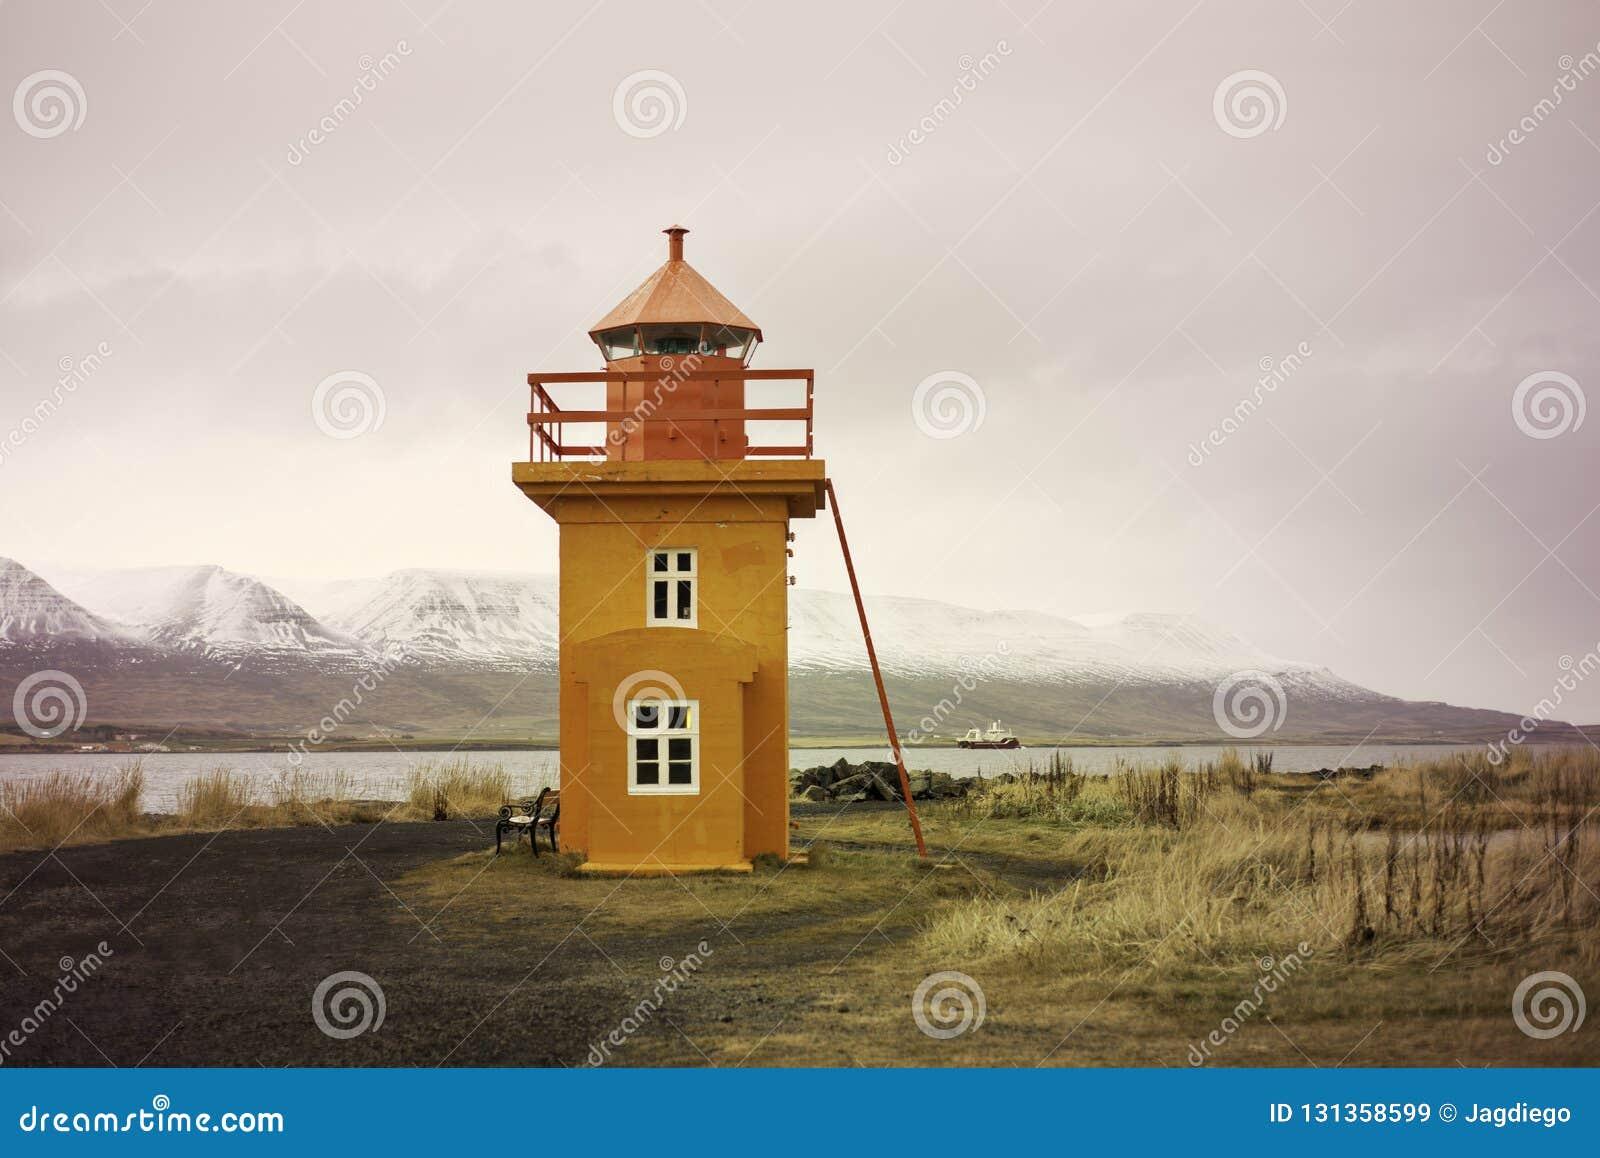 Orange Icelandic Lighthouse against mountain background